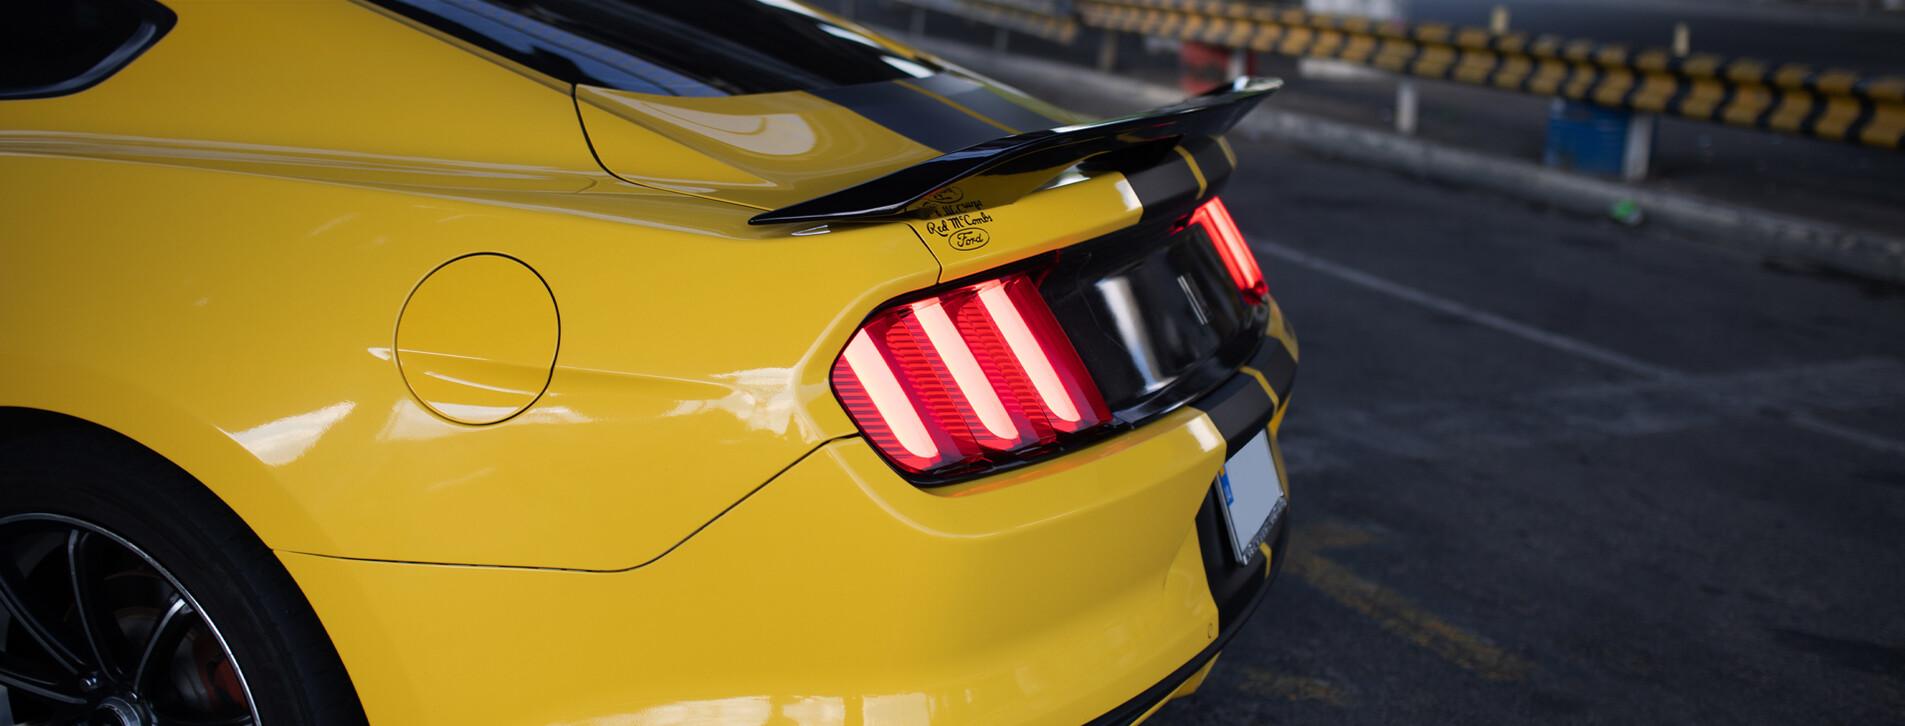 Фото 1 - Тест-драйв Ford Mustang в роли пассажира